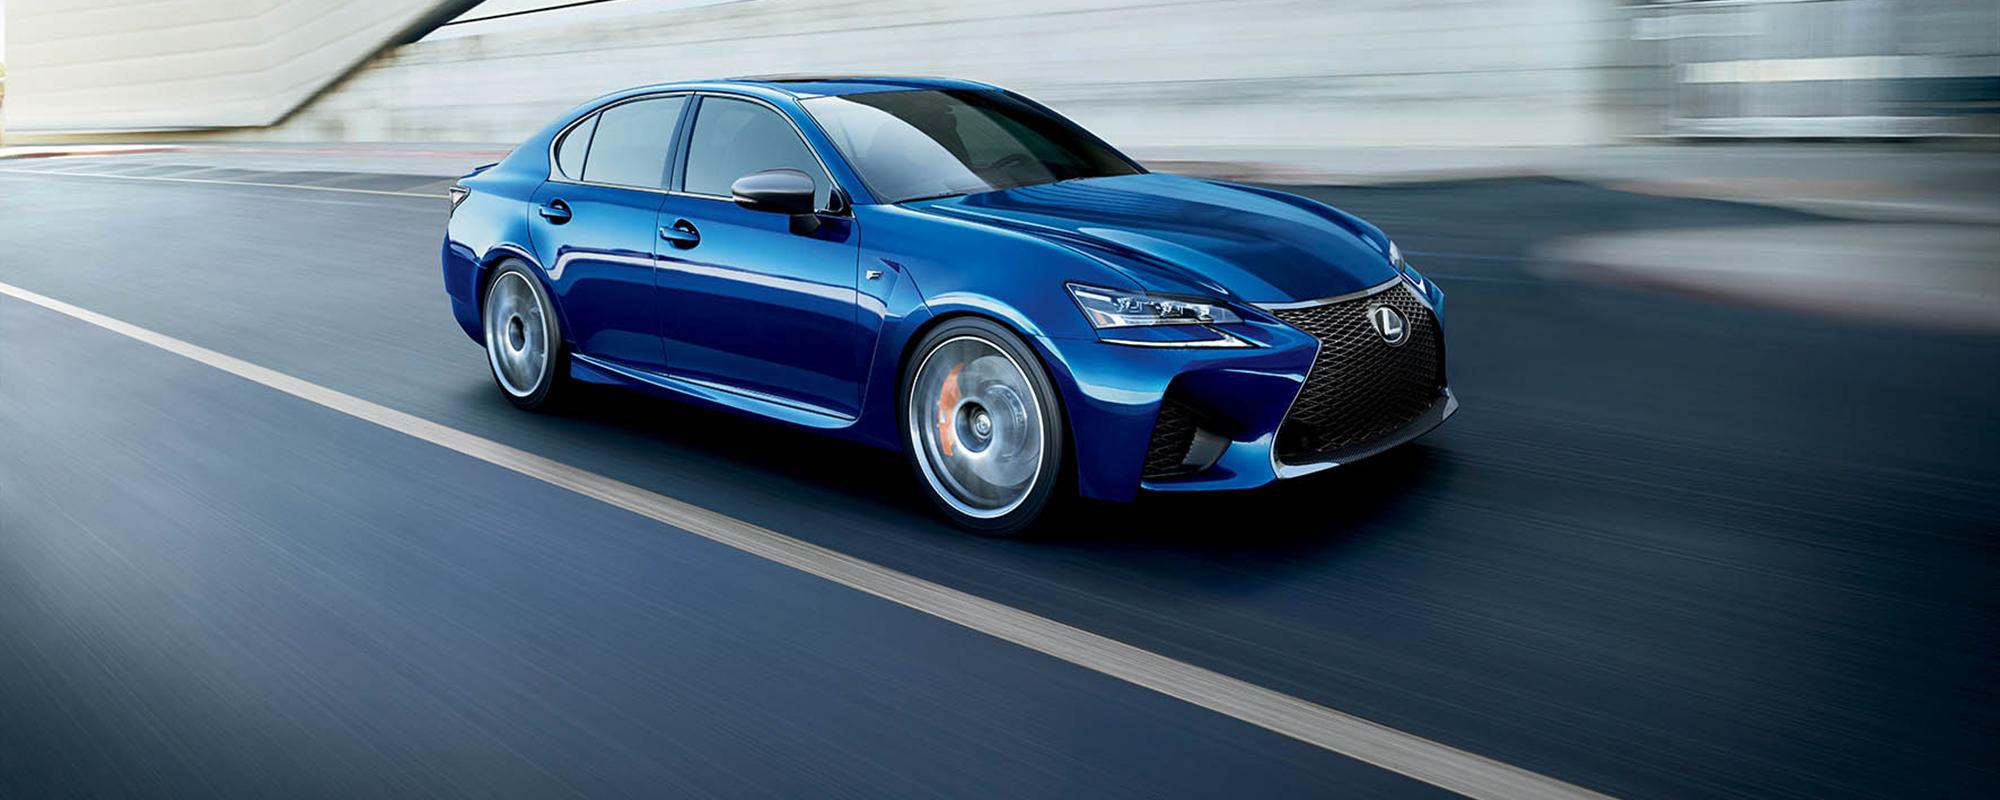 Lexus GS F met 5.0 liter V8: fijngeslepen op de Nordschleife